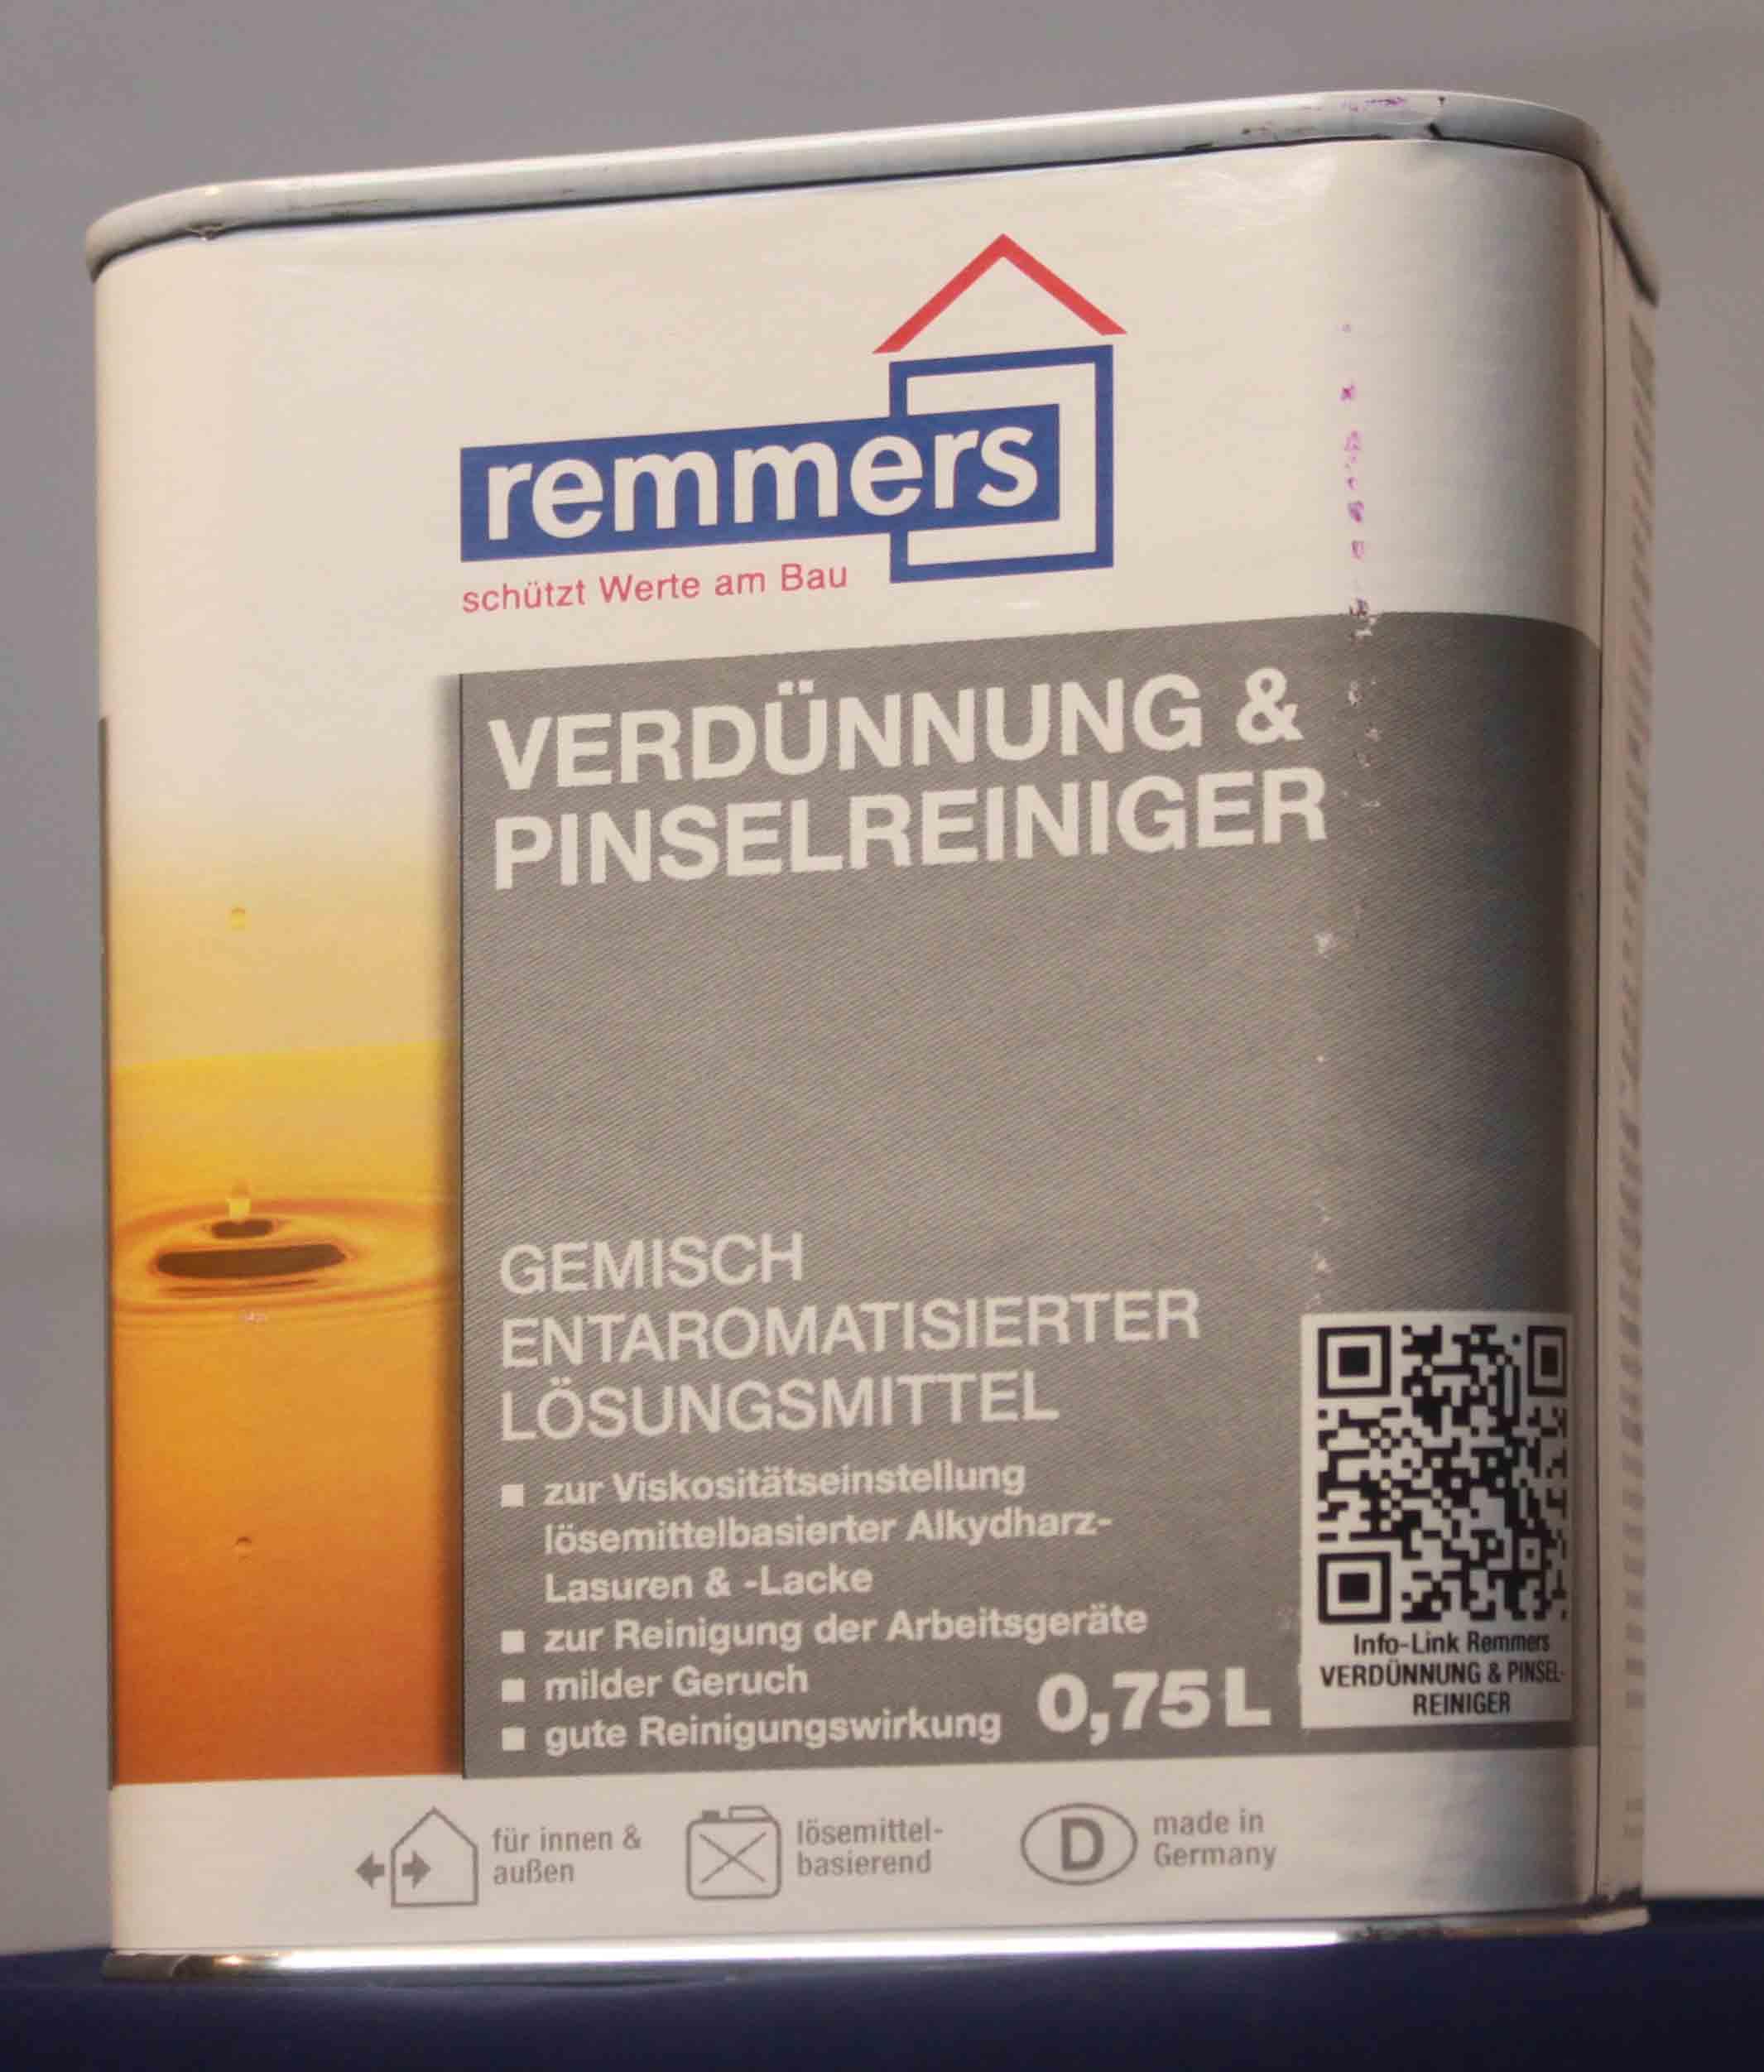 remmers verdünnung & pinsel-reiniger - - günstig kaufen